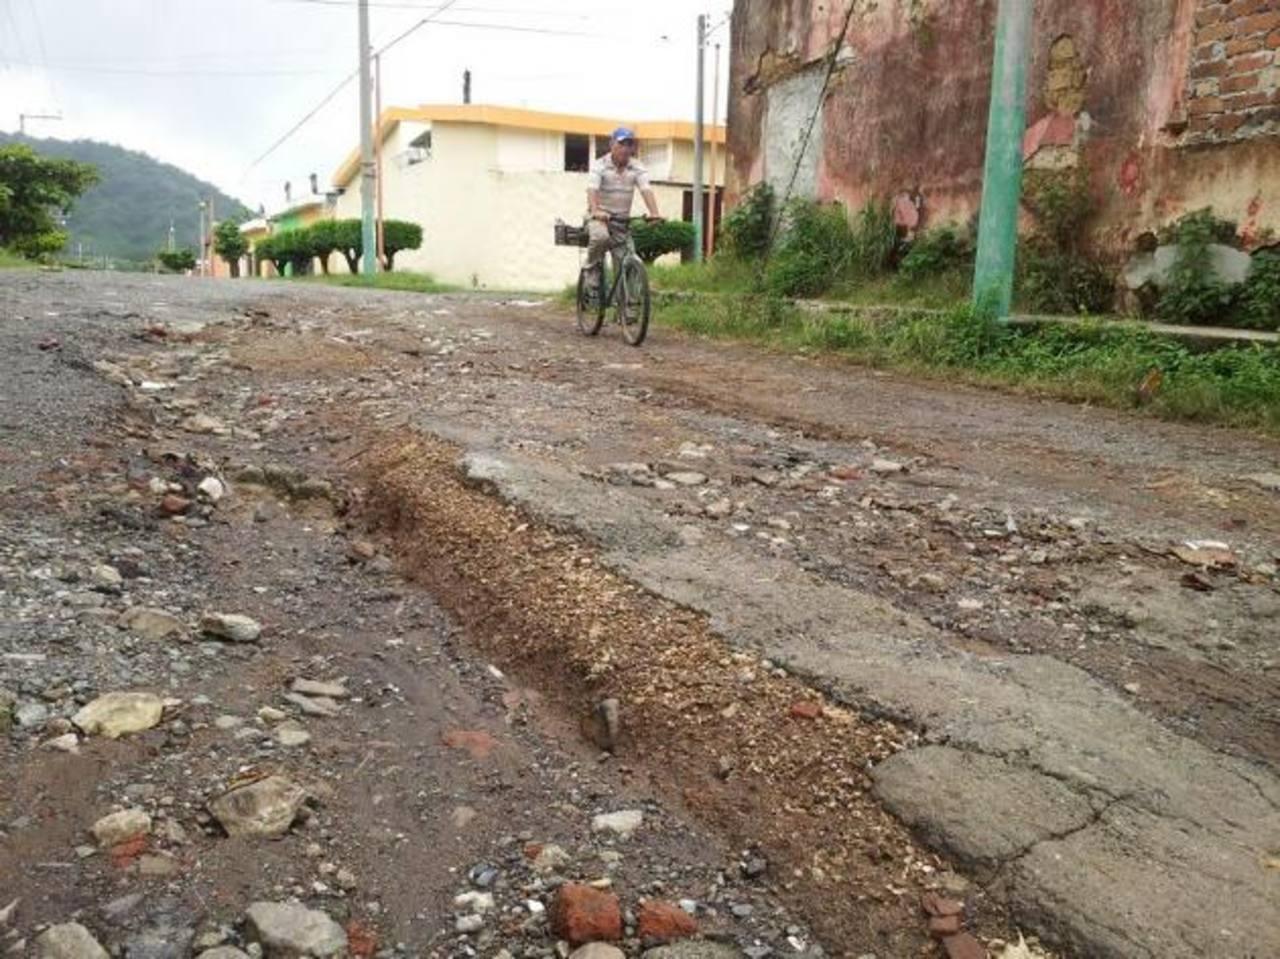 El mal estado de las calles de la colonia Santa Marina es solo uno de los problemas que enfrentan los habitantes de esta zona. Foto EDH / Milton Jaco